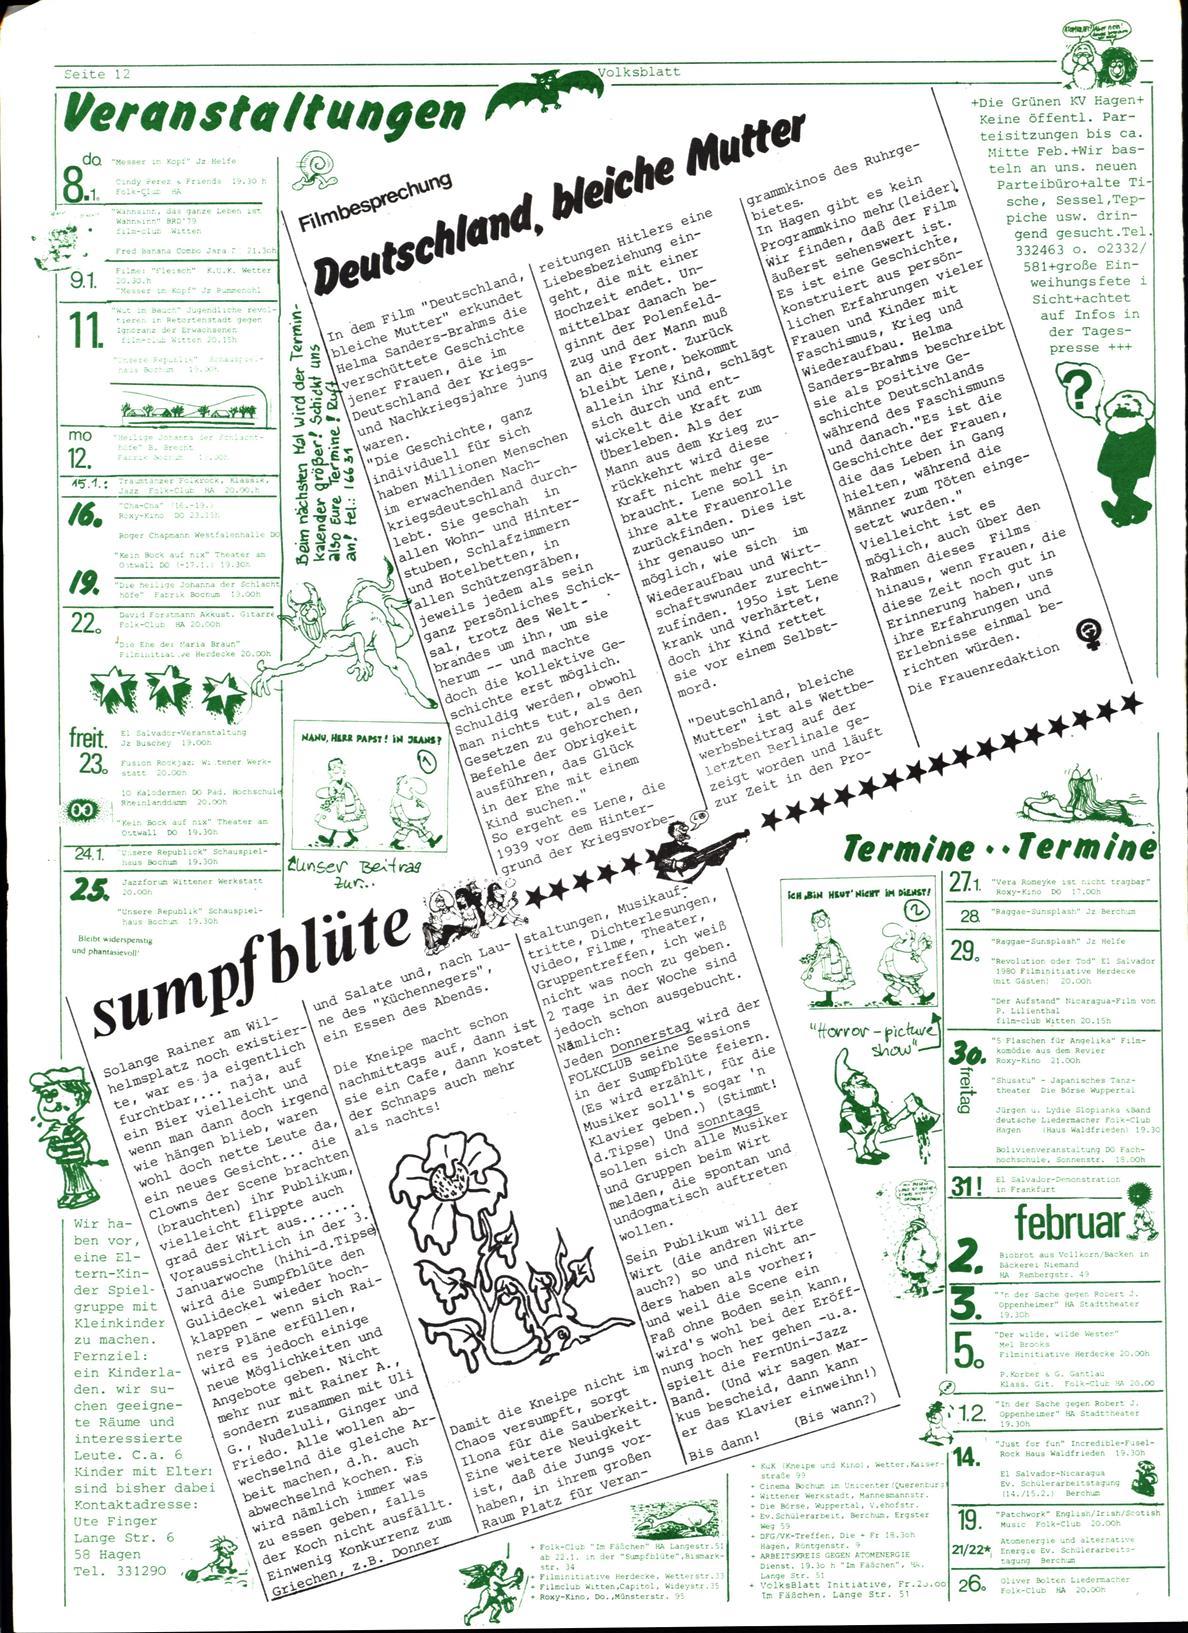 Hagen_Volksblatt_19810100_08